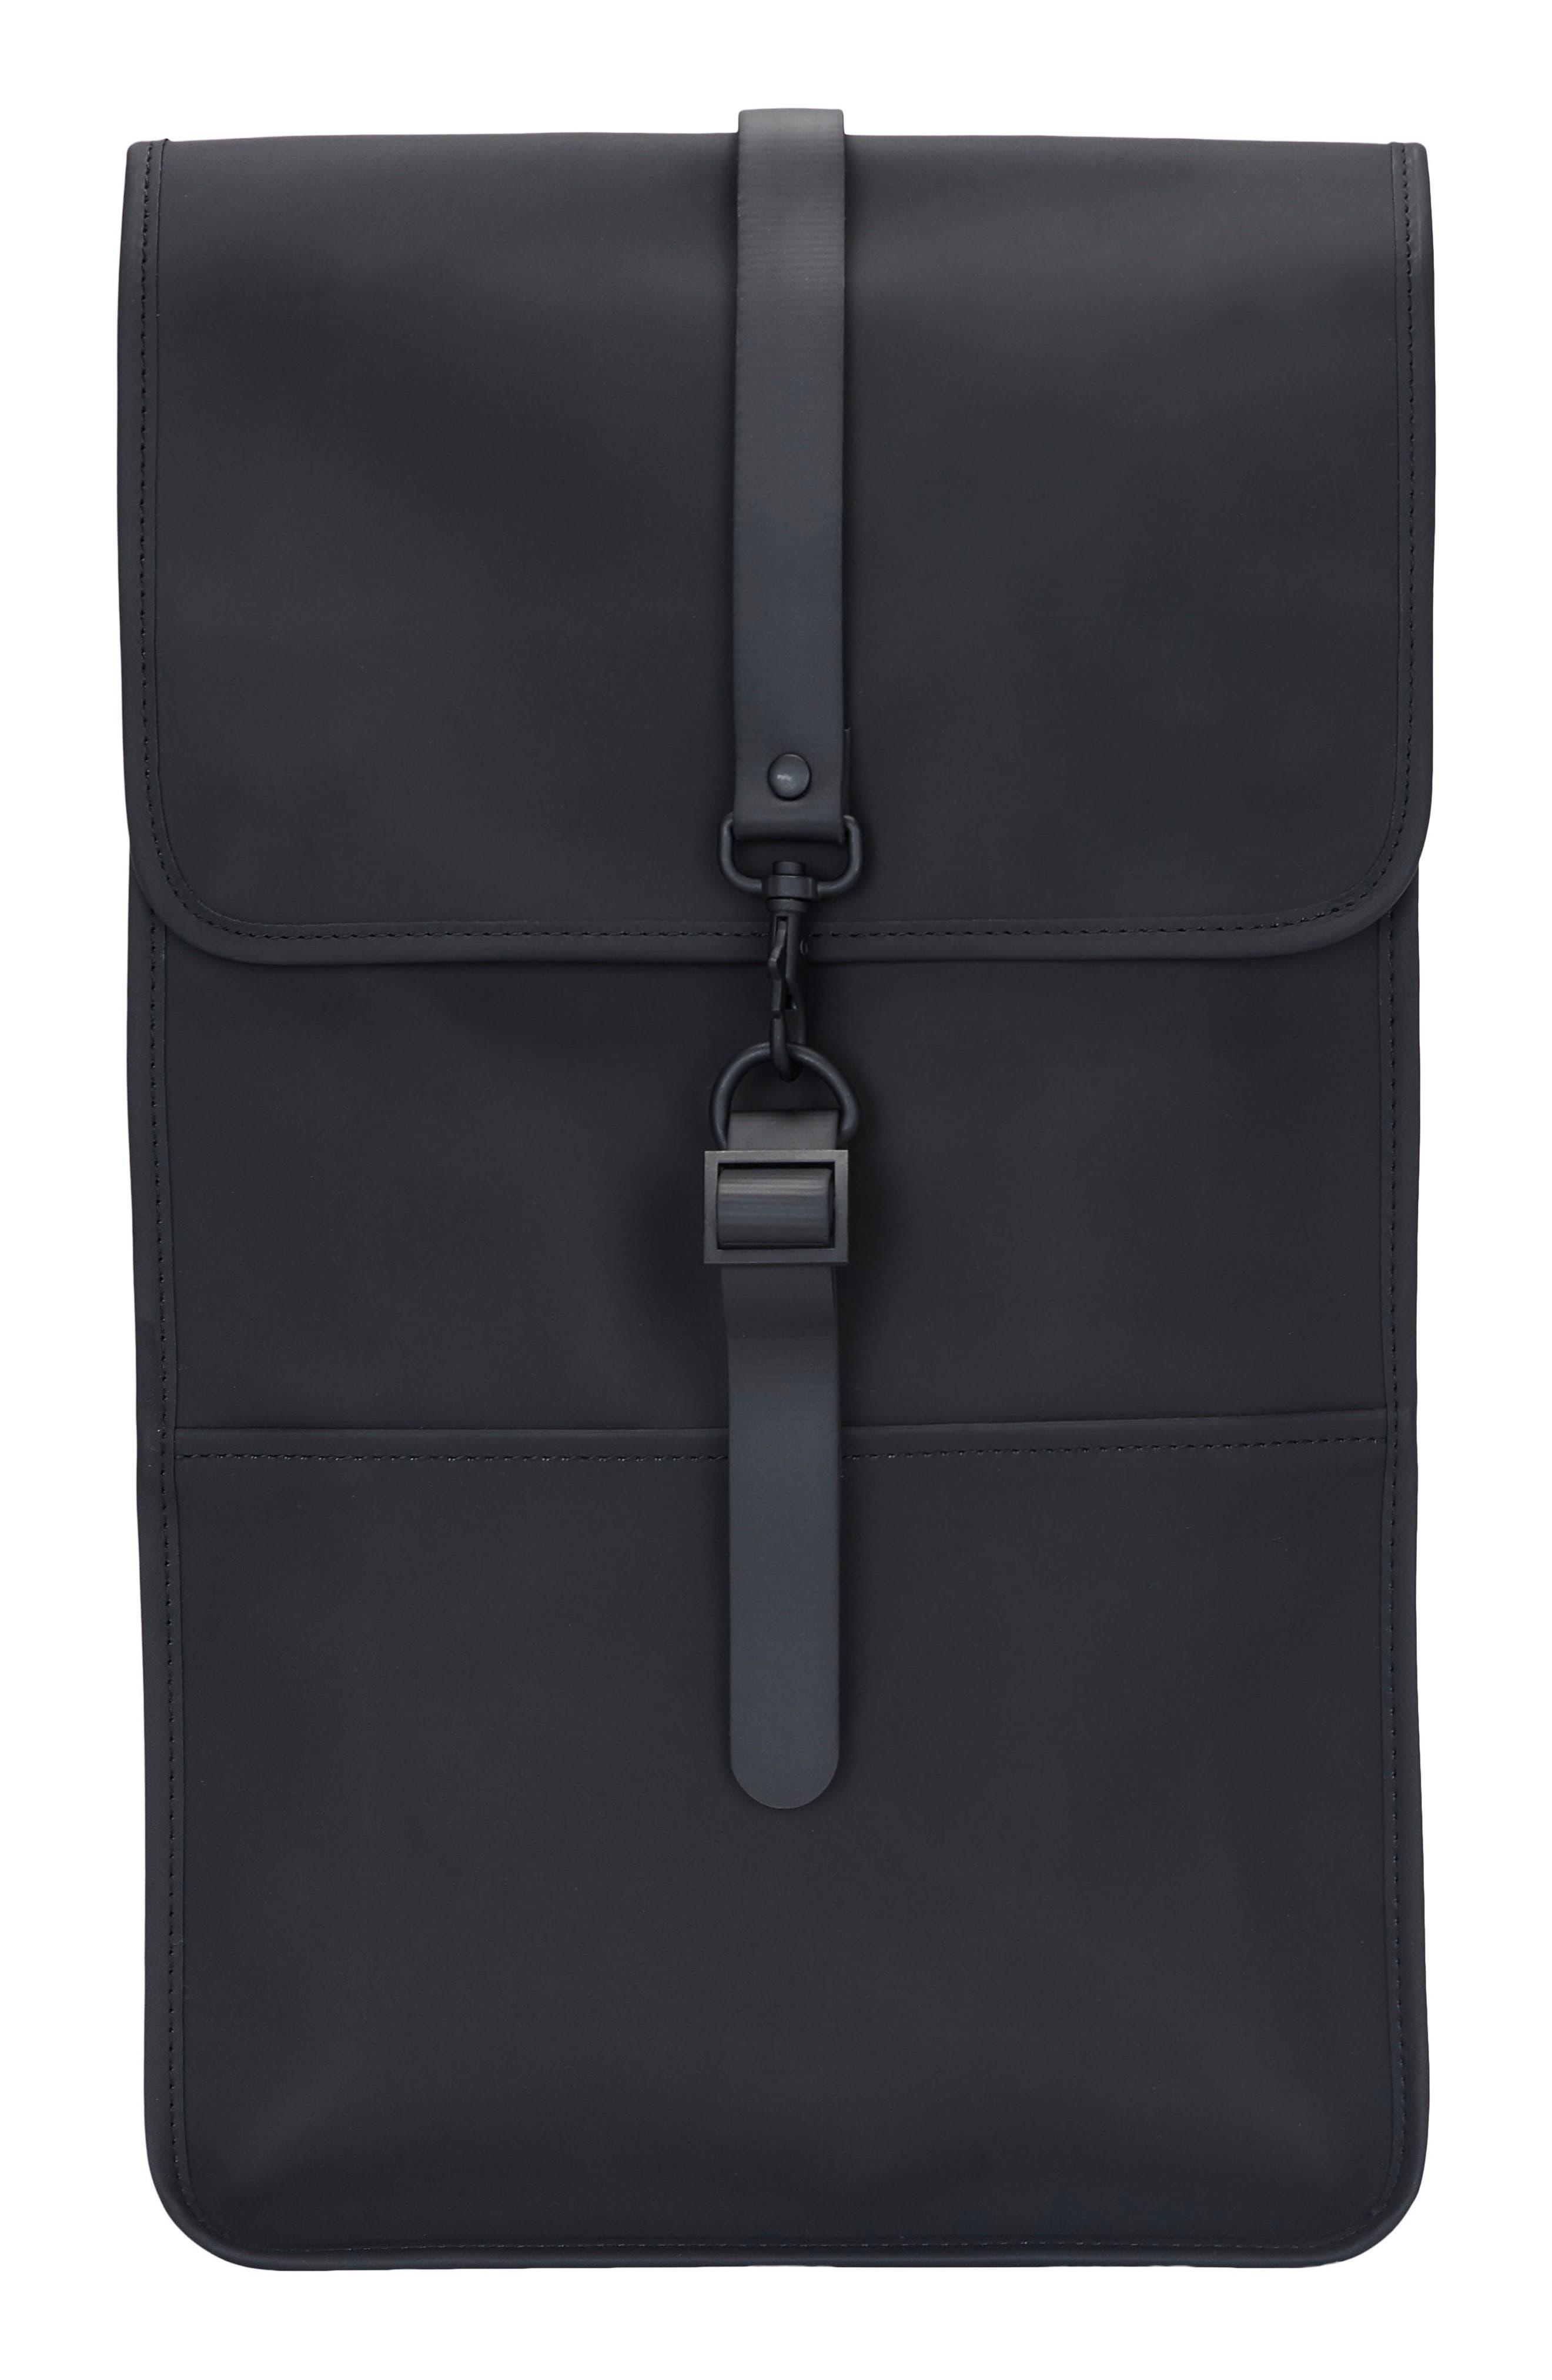 RAINS Waterproof Backpack, Main, color, BLACK